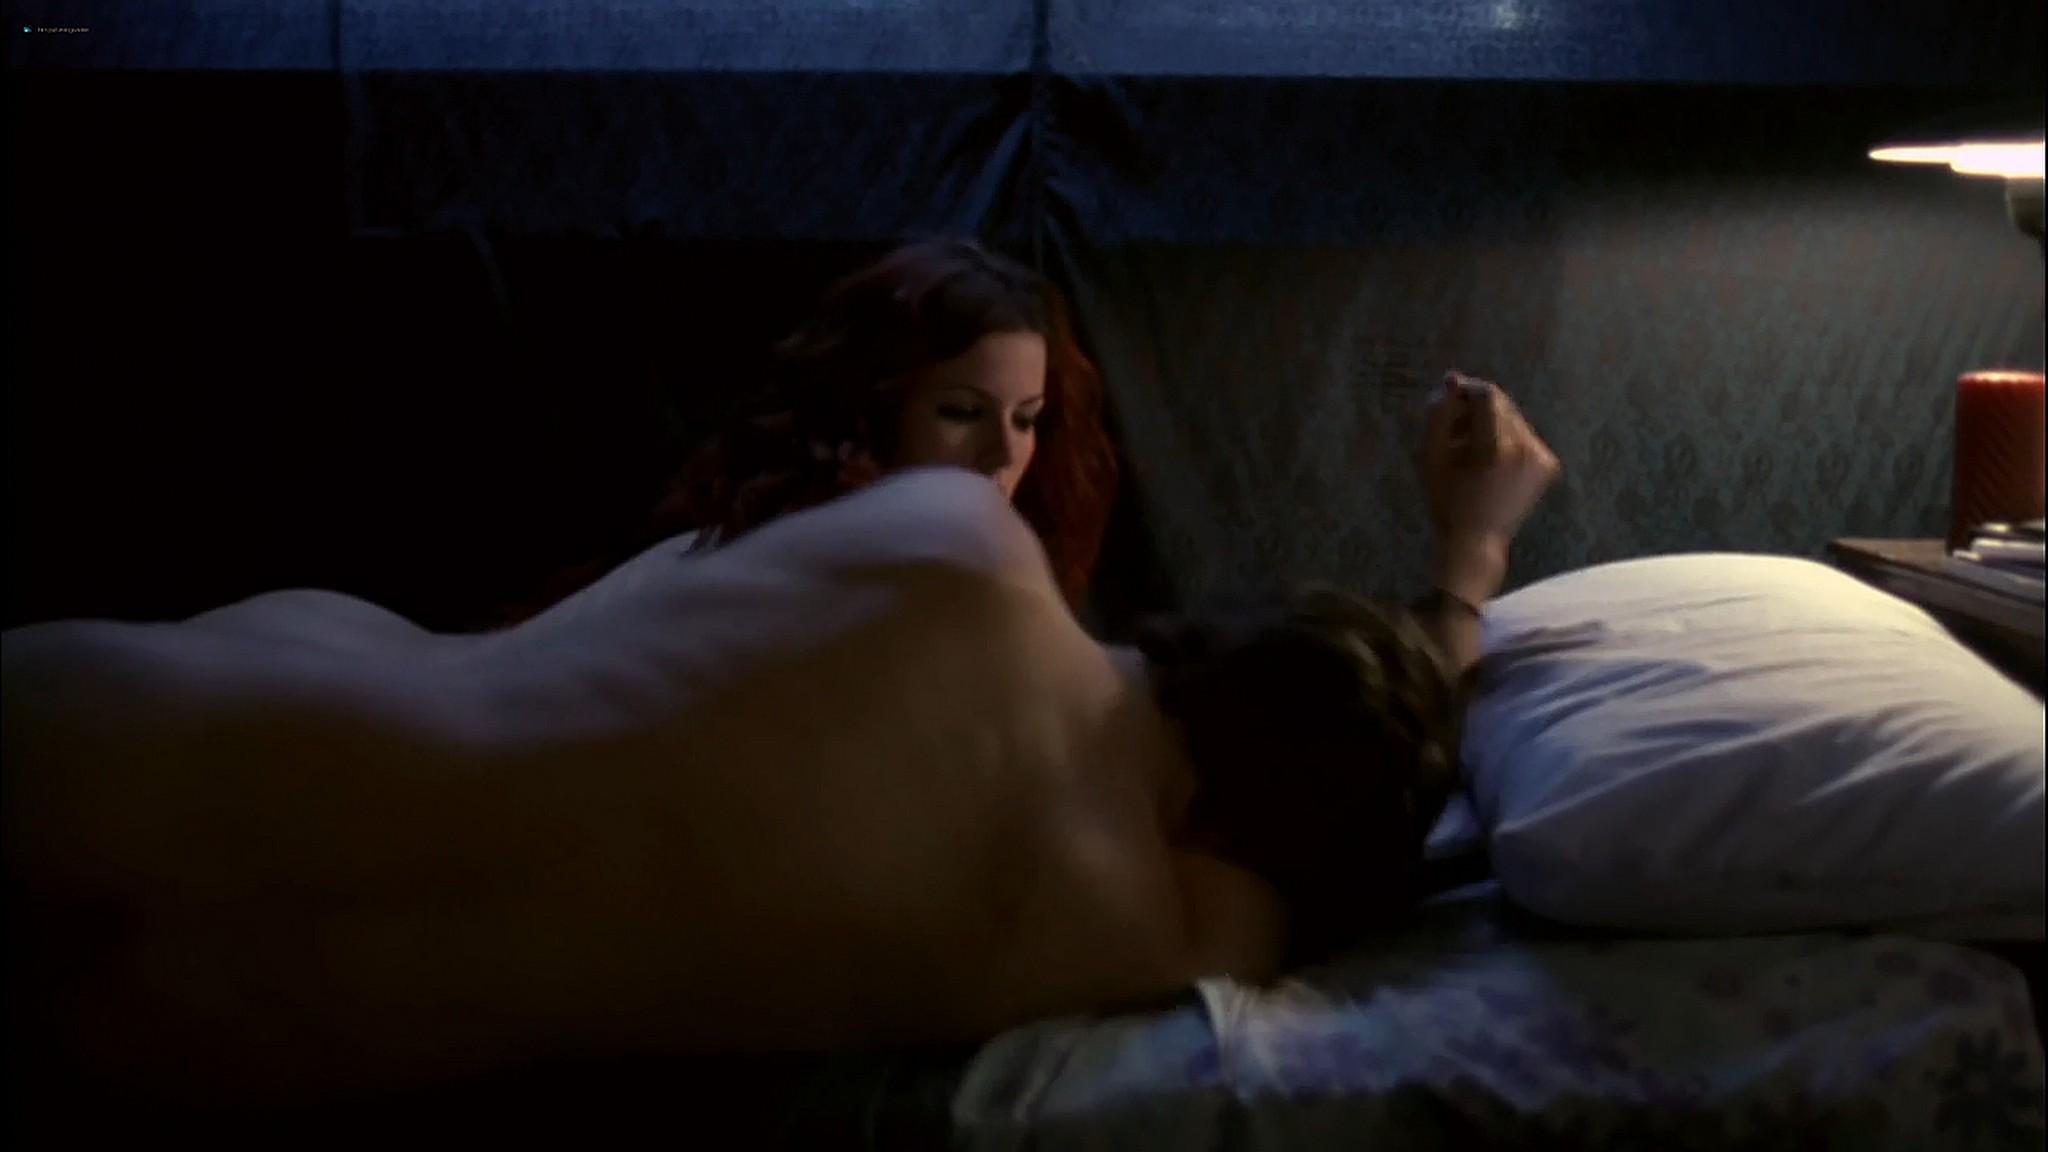 Kathleen Robertson sex threesome Maya Stange nude XX XY 2002 720p Web 11